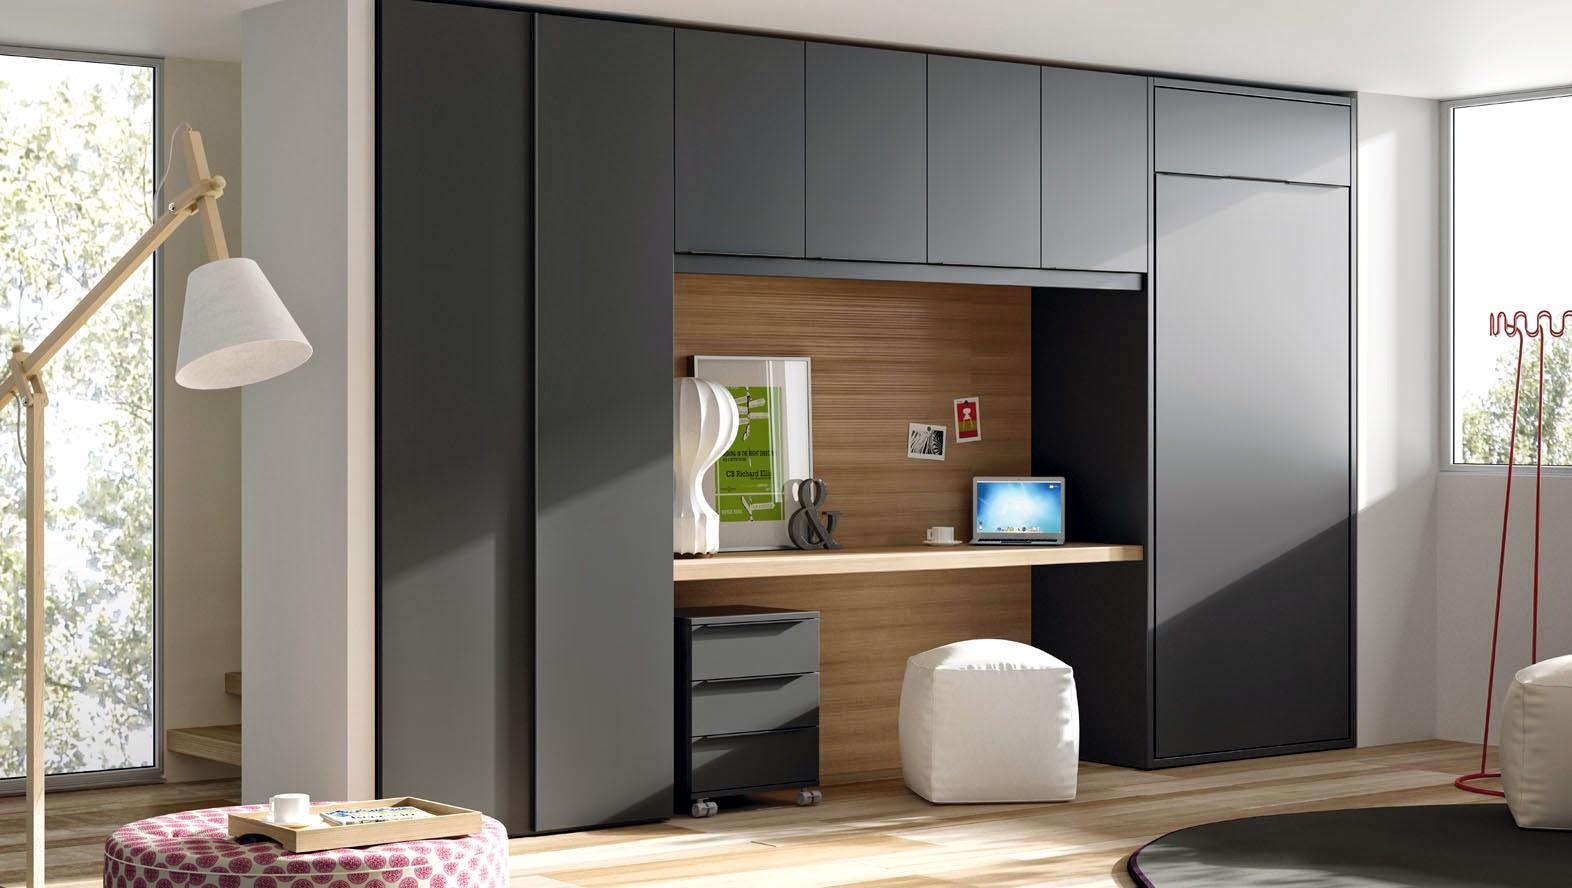 Camas abatibles para uso diario for Cama oculta mueble